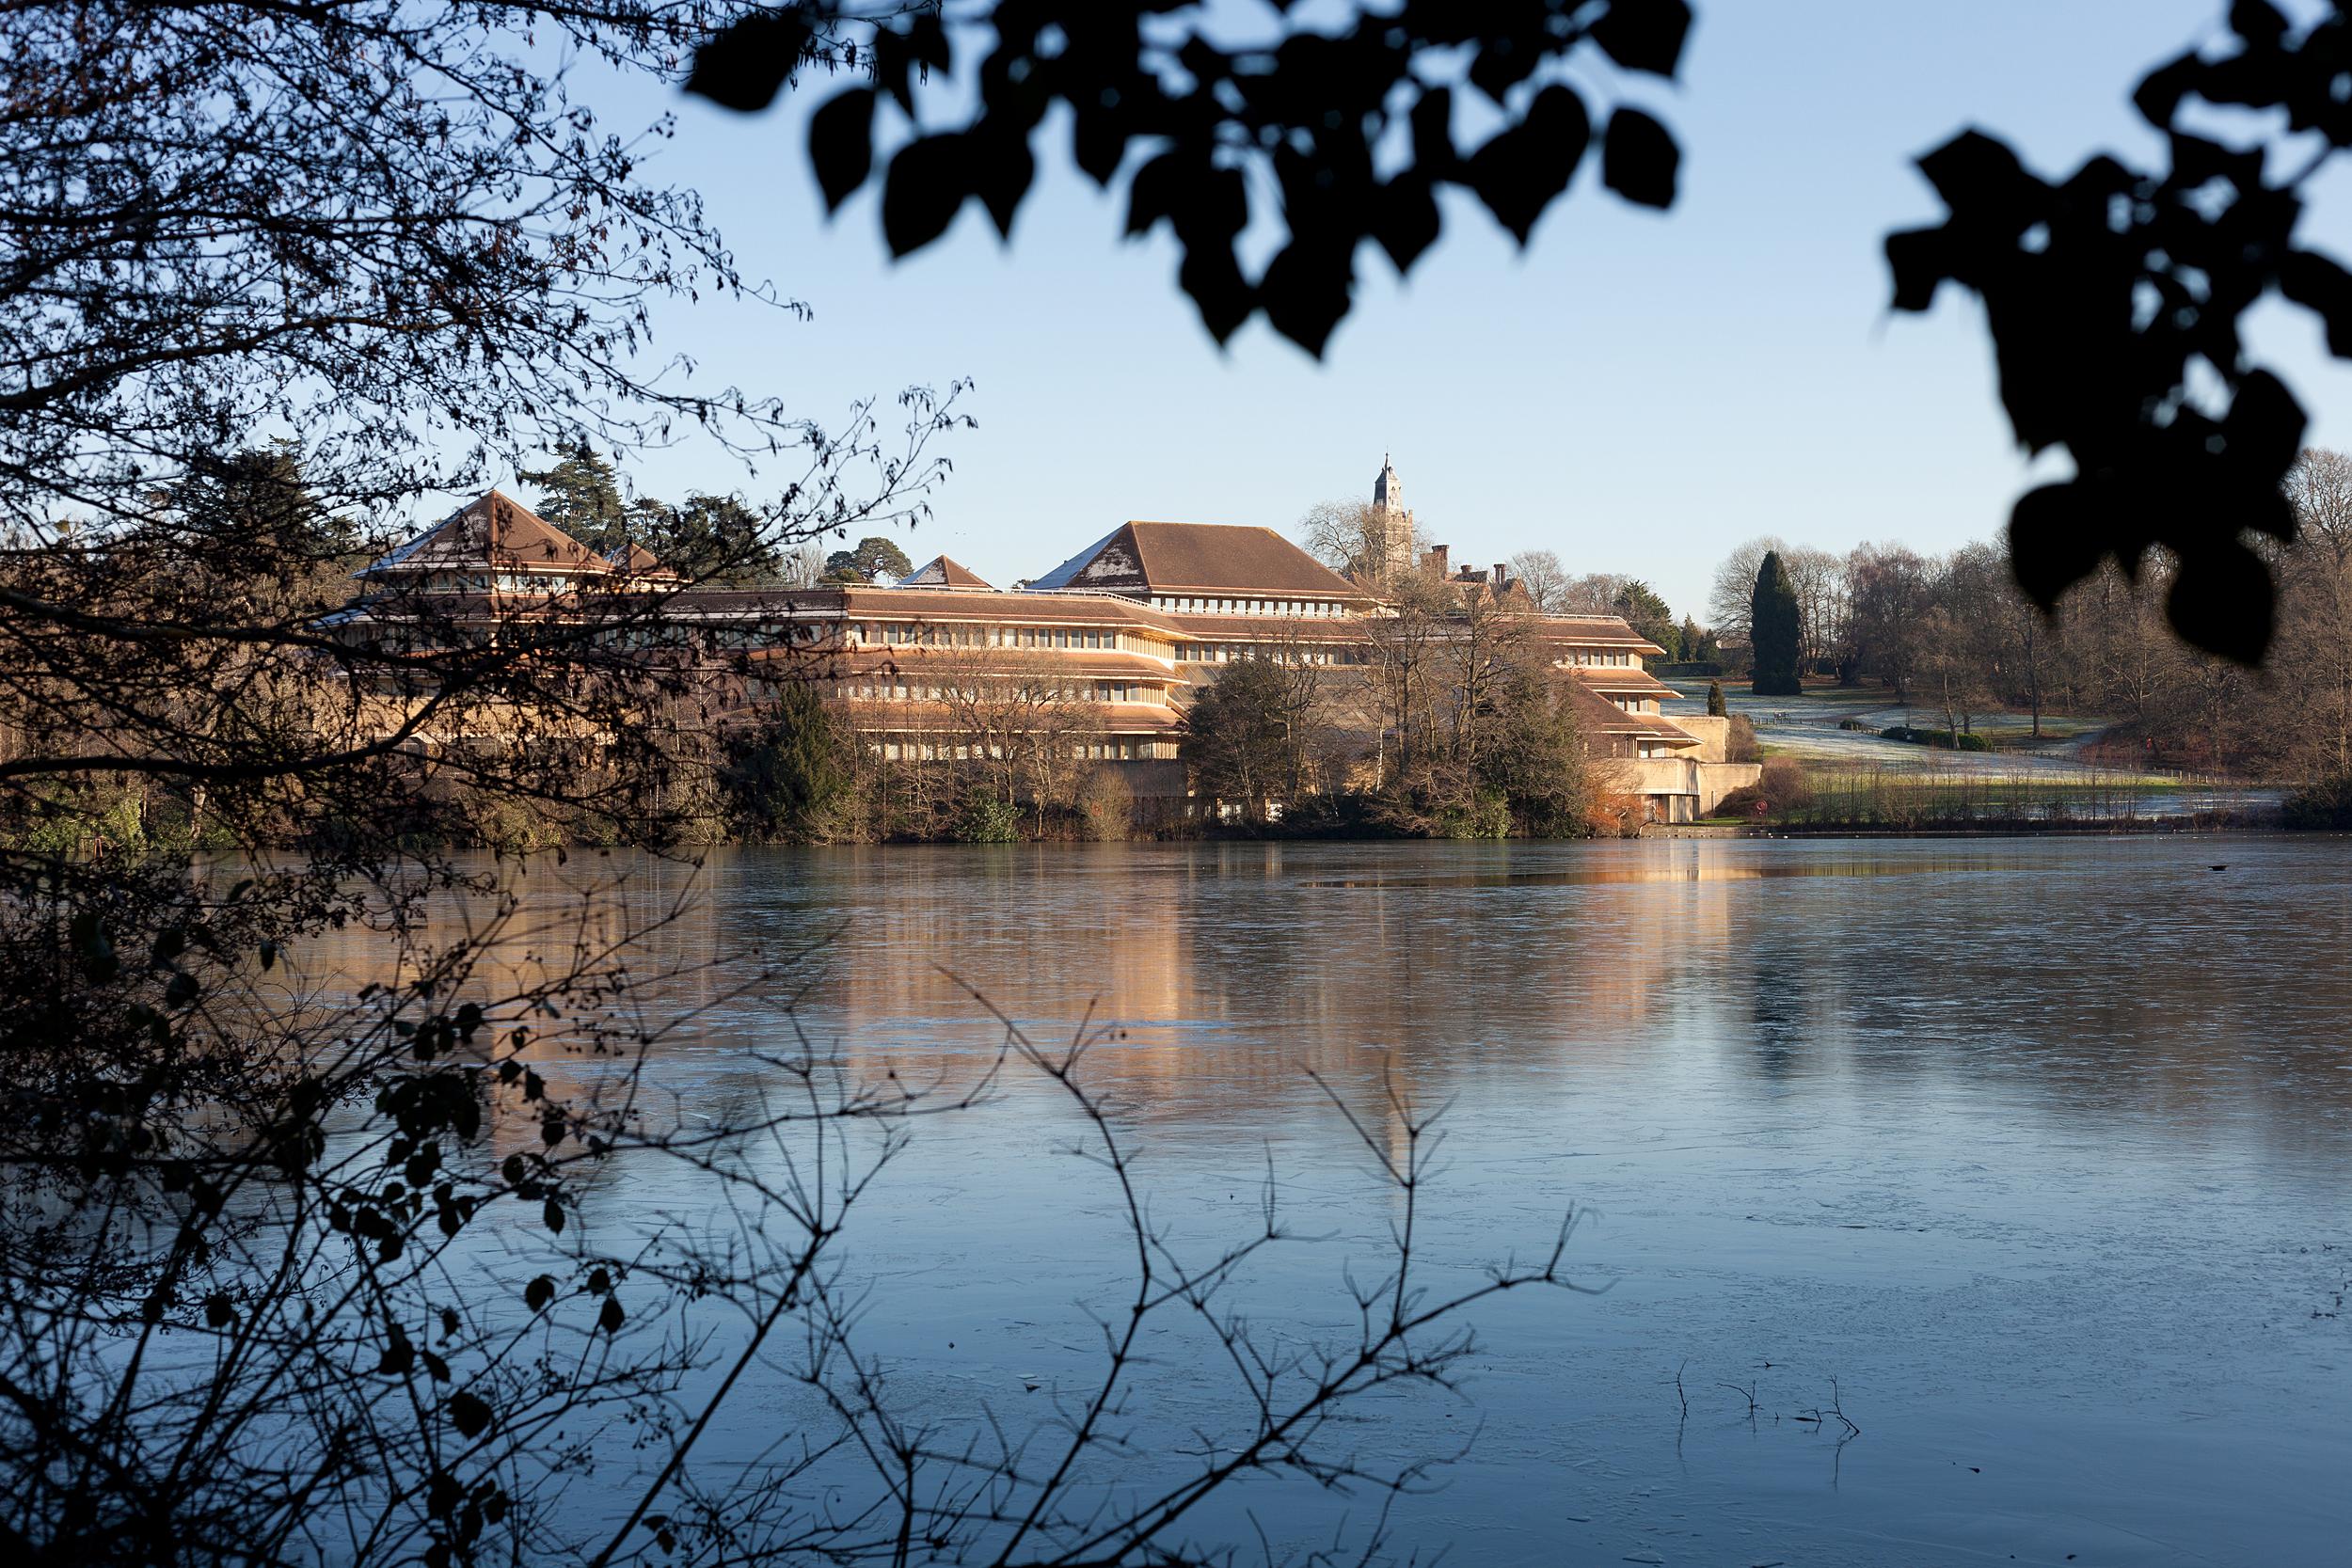 Aldermaston_Lakeside_View__BEFORE.jpg